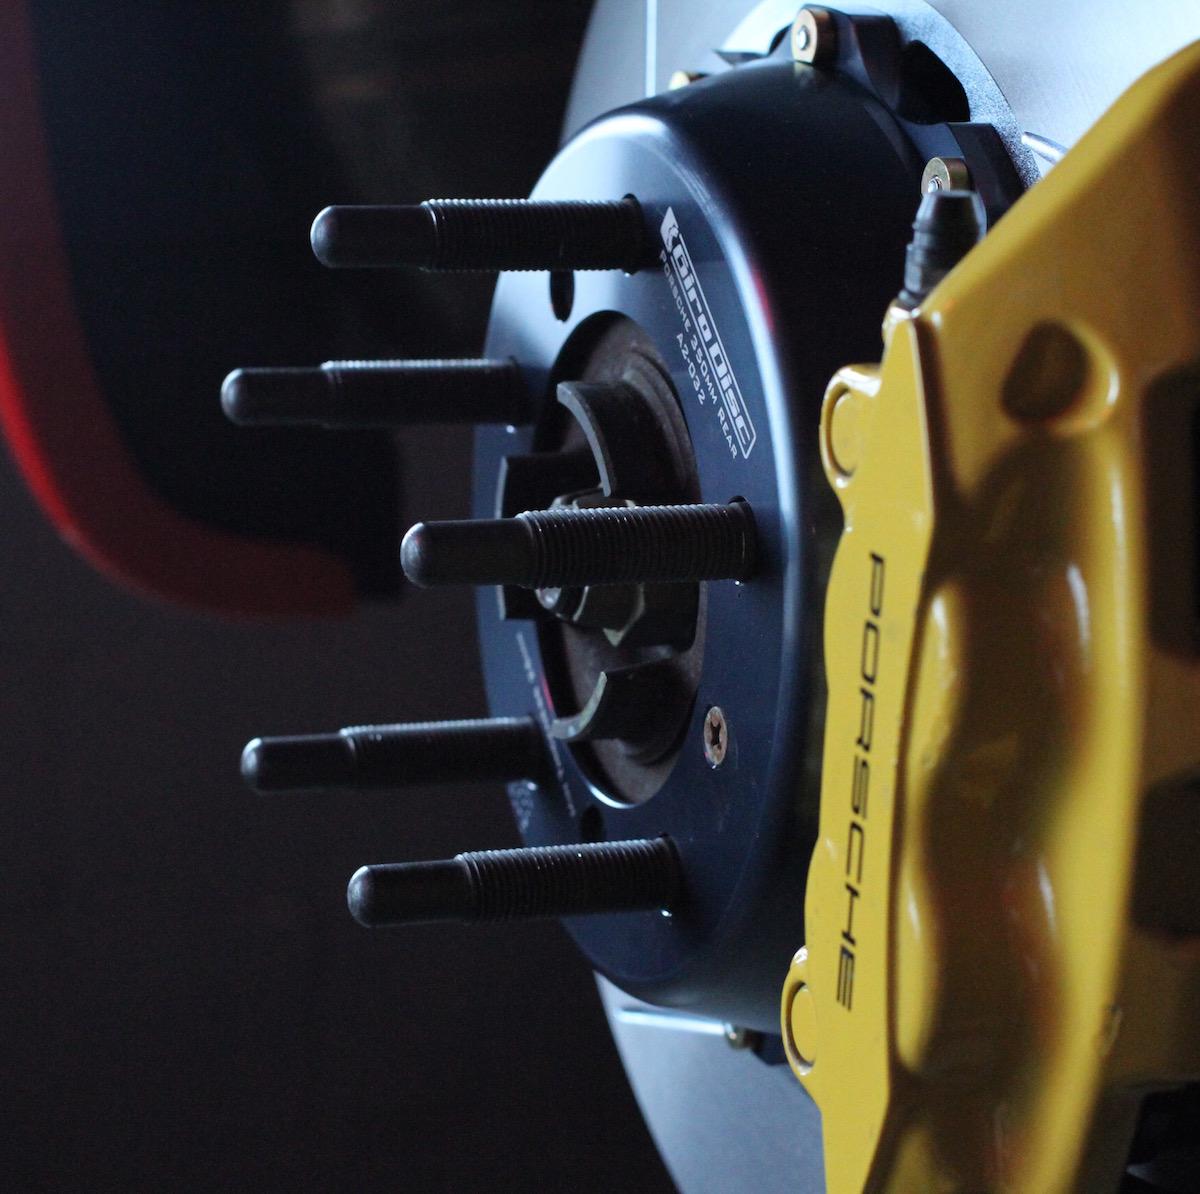 311RS Porsche 911 997 996 GT3 GT3 Tarrett wheel studs